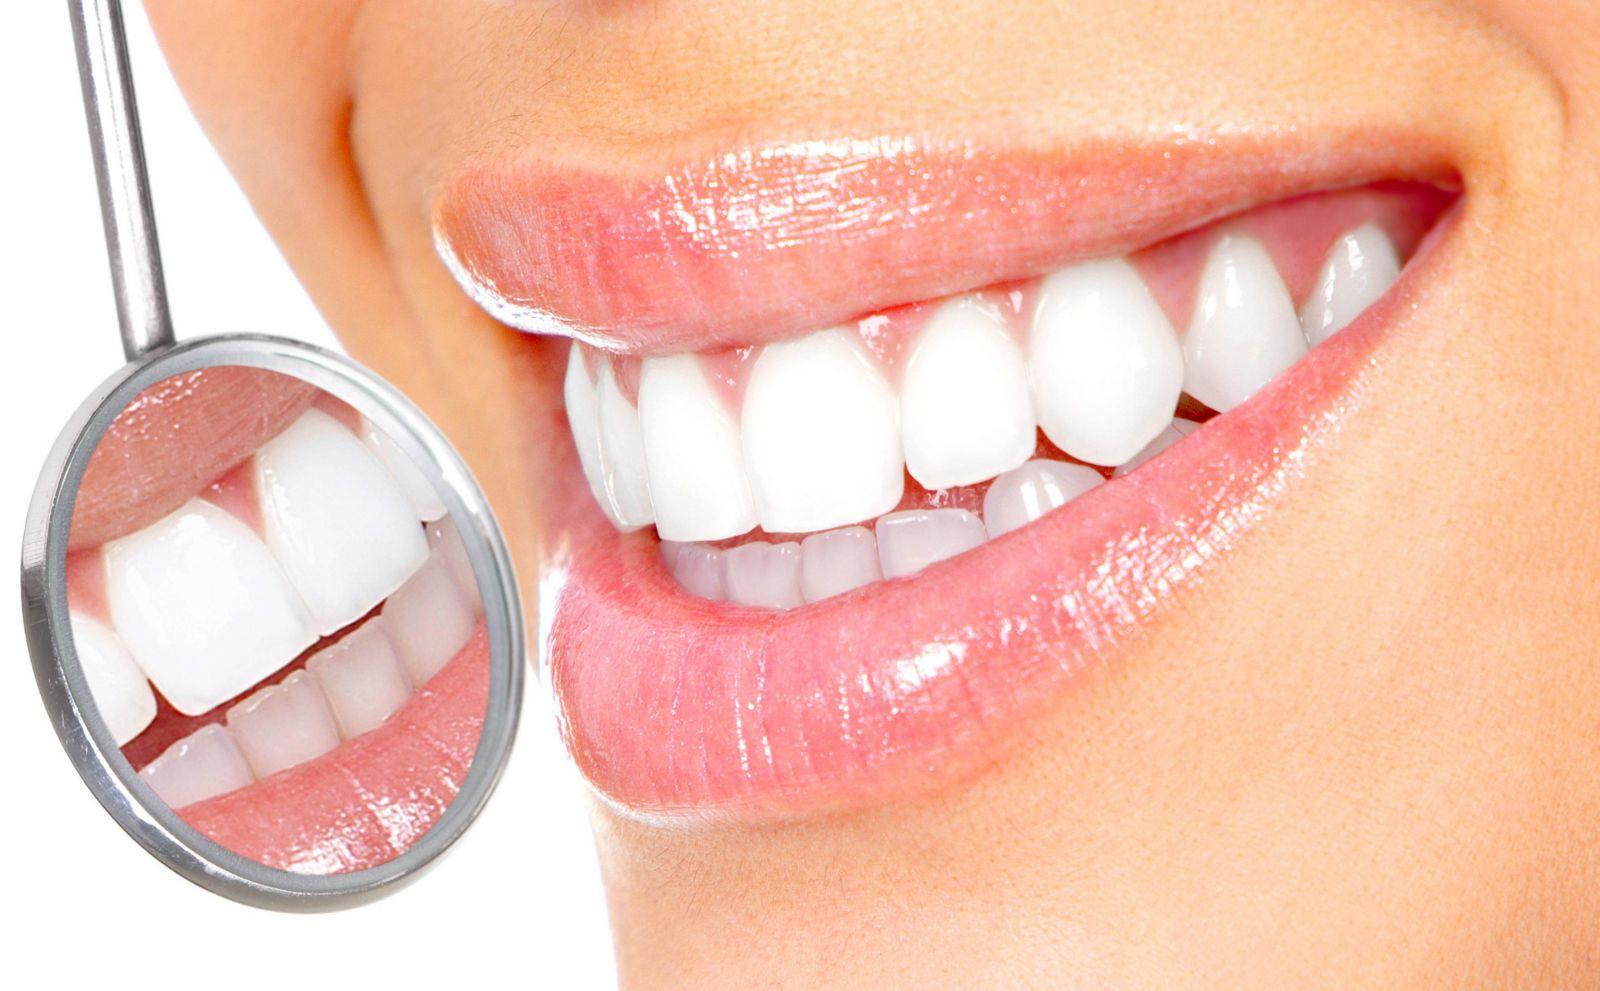 Топ 10 способов отбелить зубы в домашних условиях - фото №5